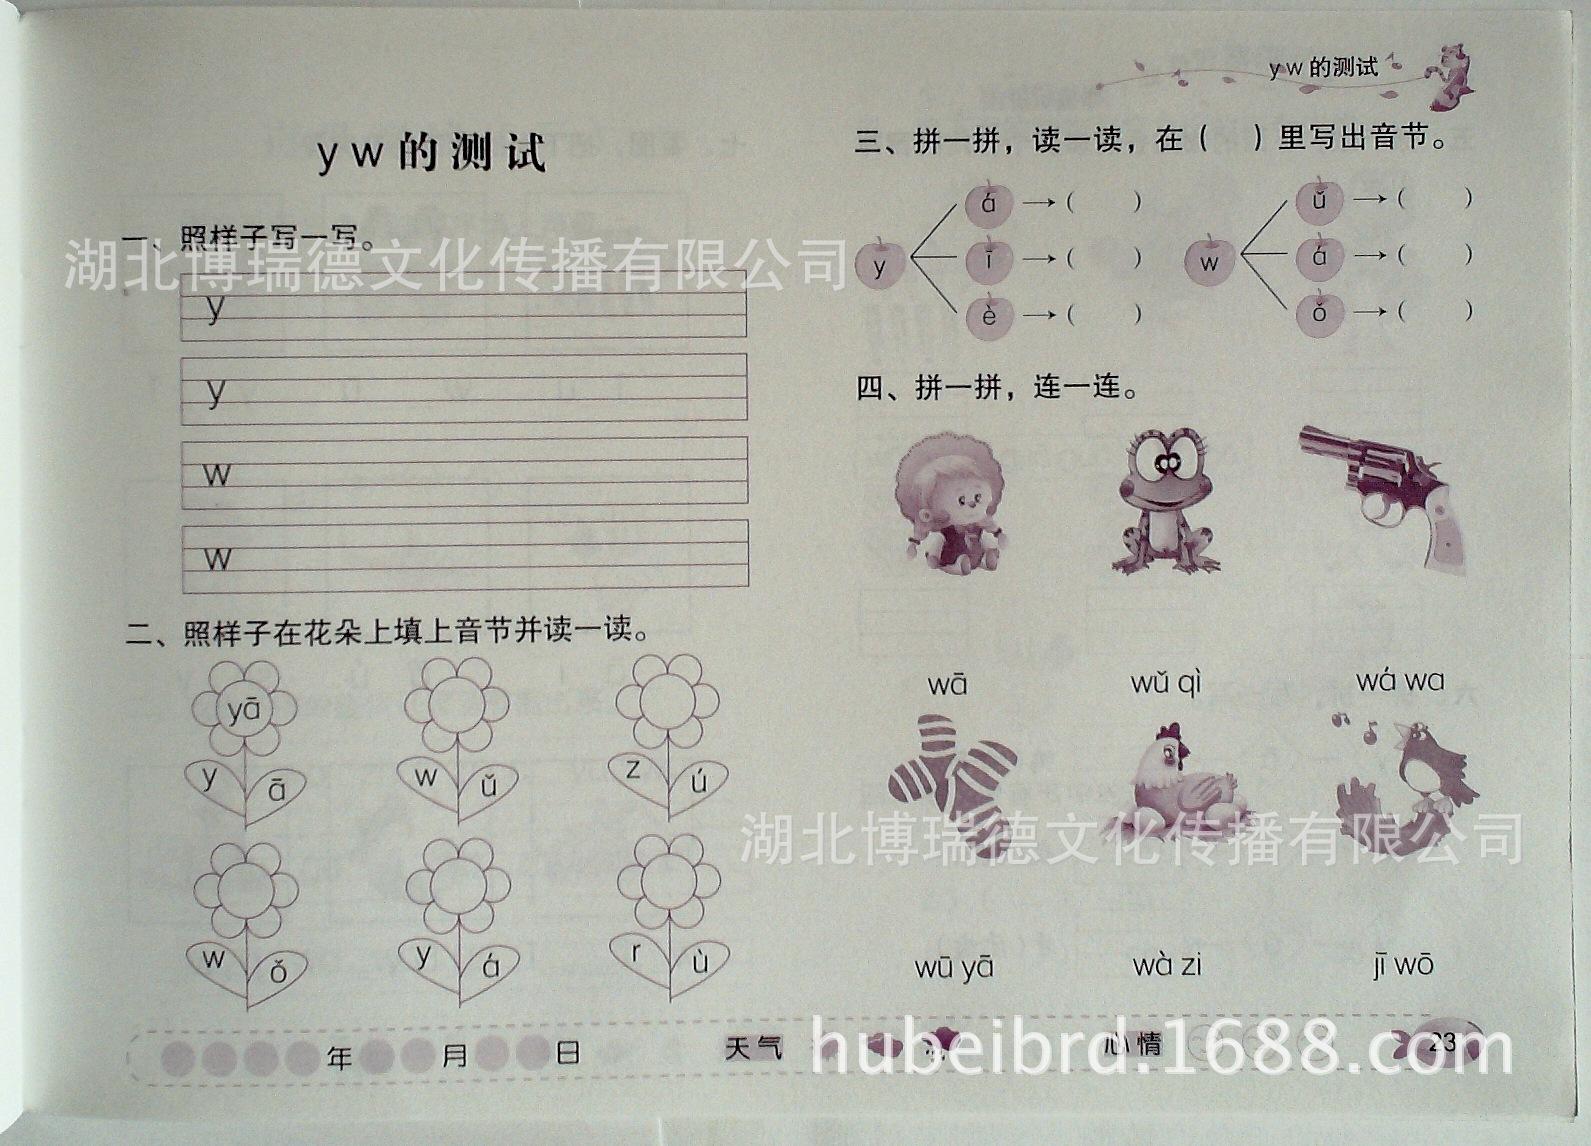 【【幼儿园教材图书批发】幼儿园寒假作业-学